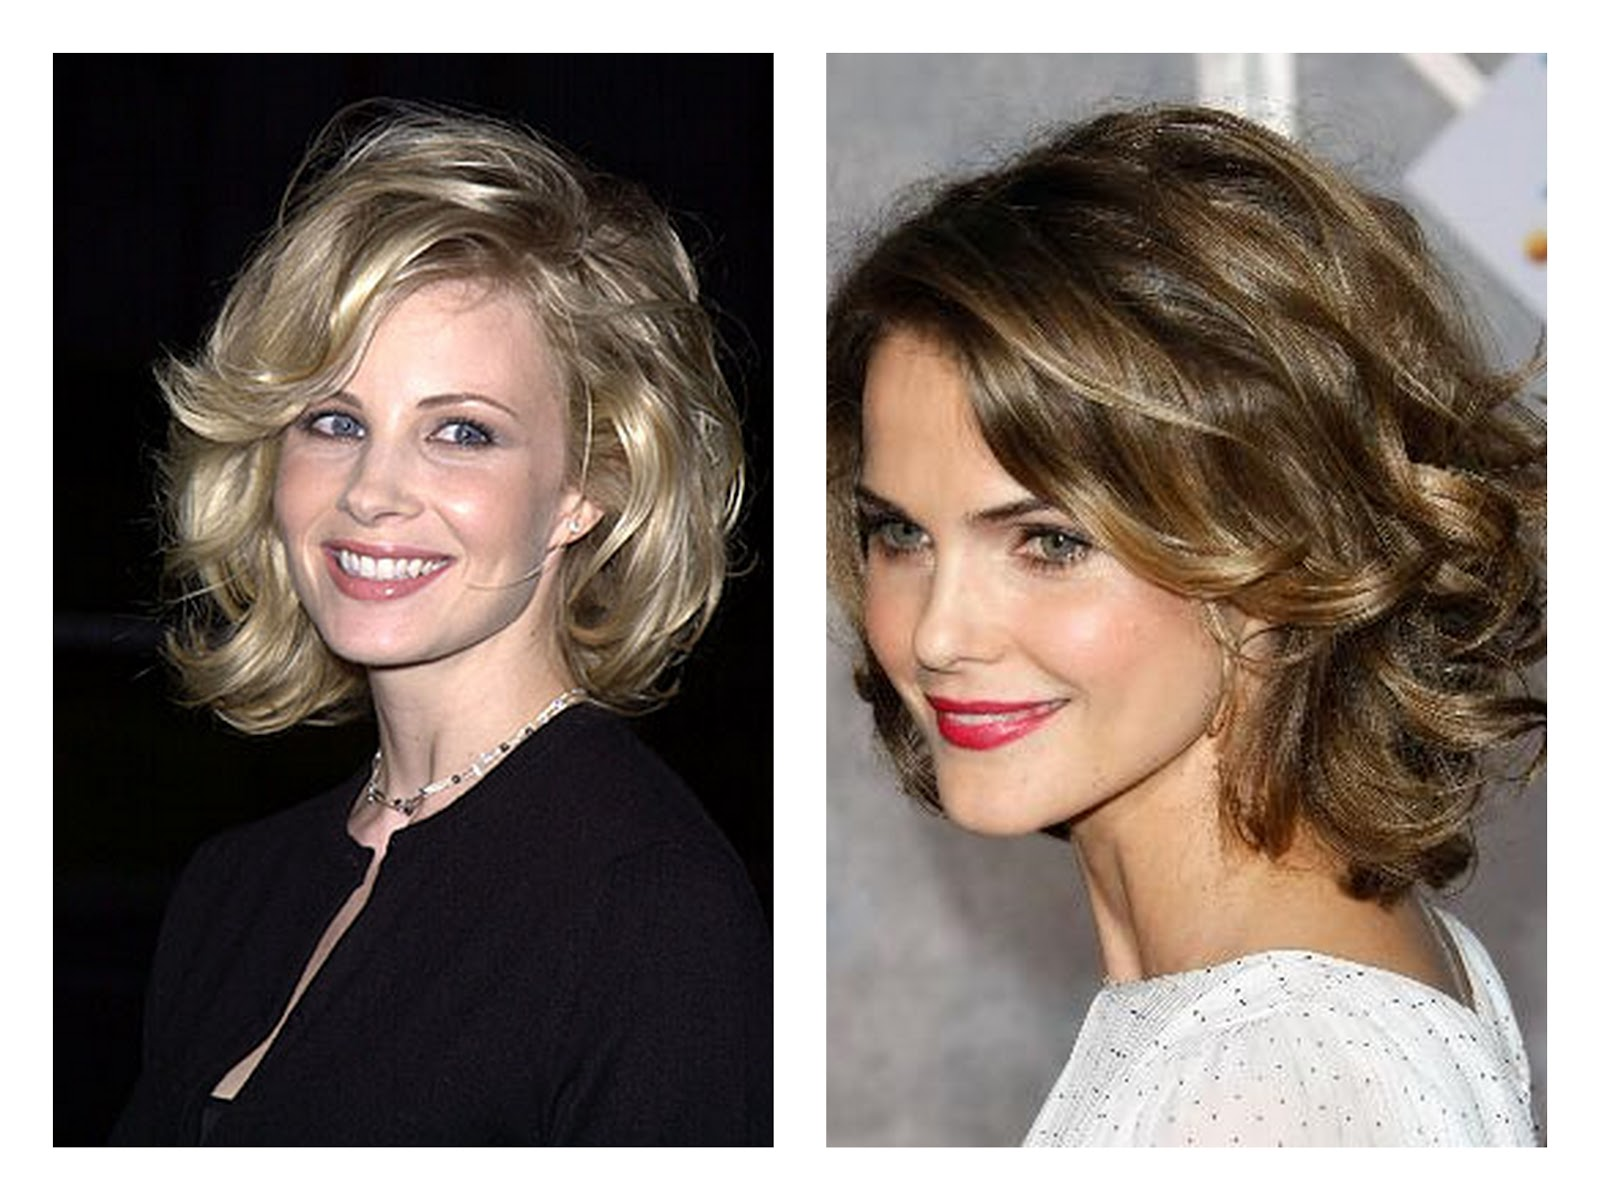 Que Tipos De Peinados Me Quedan - Descubre qué peinado te queda mejor según tu rostro Pretenciosas